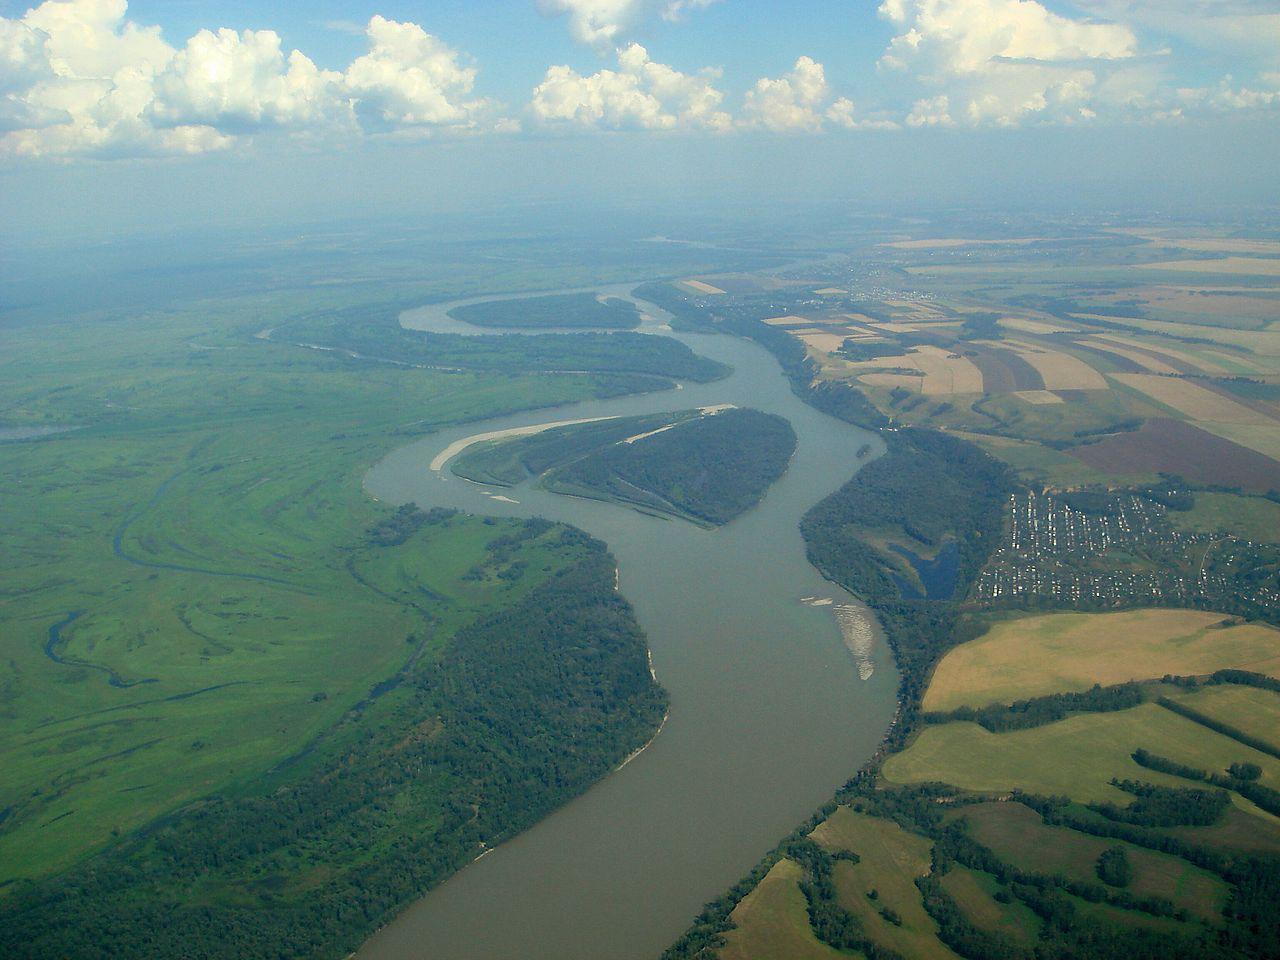 بالصور اكبر نهر في العالم , صور لاكبر نهر في العالم 1708 12